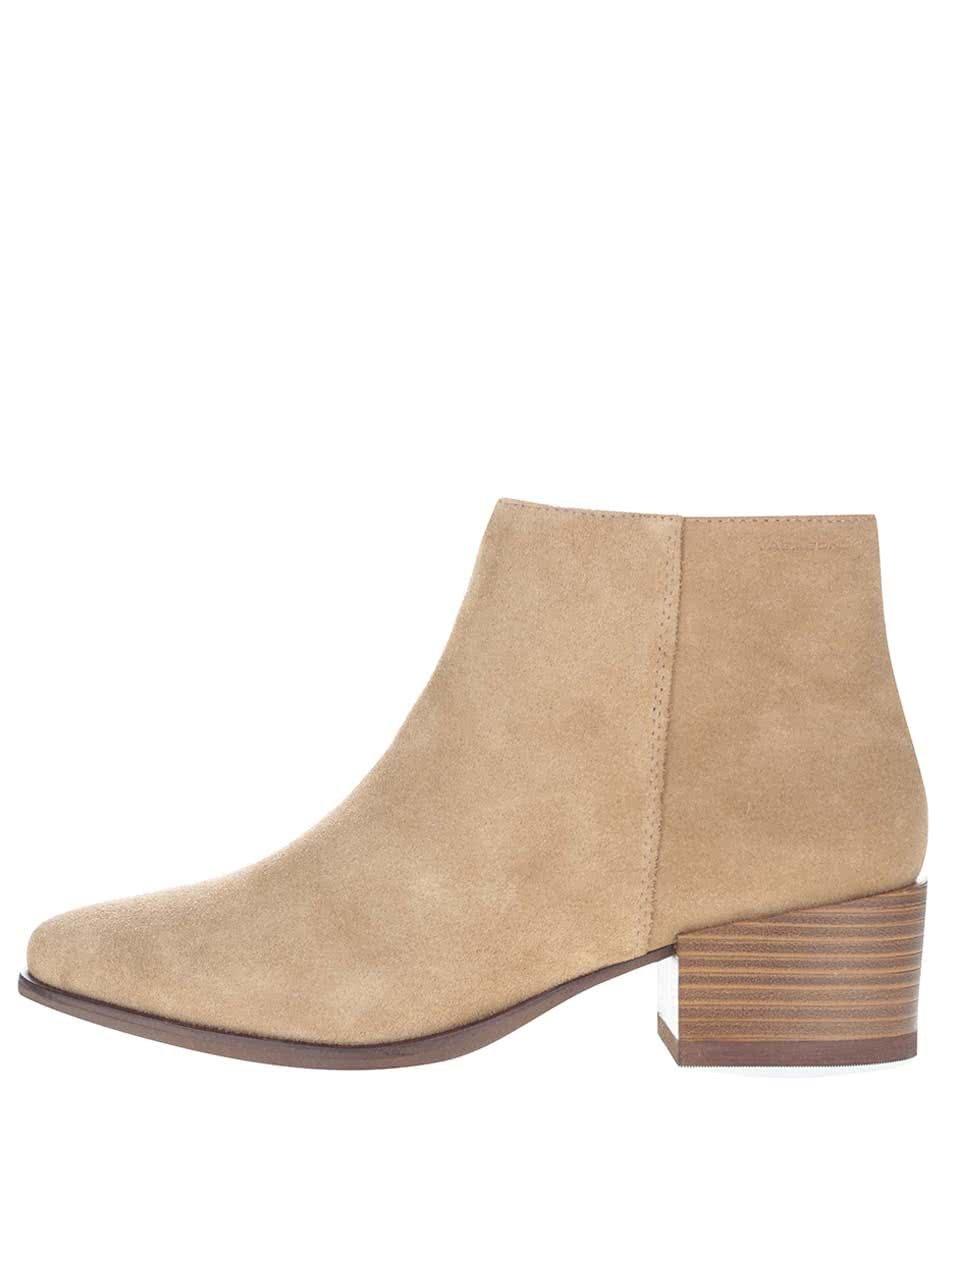 Béžové dámské semišové kotníkové boty Vagabond Marja